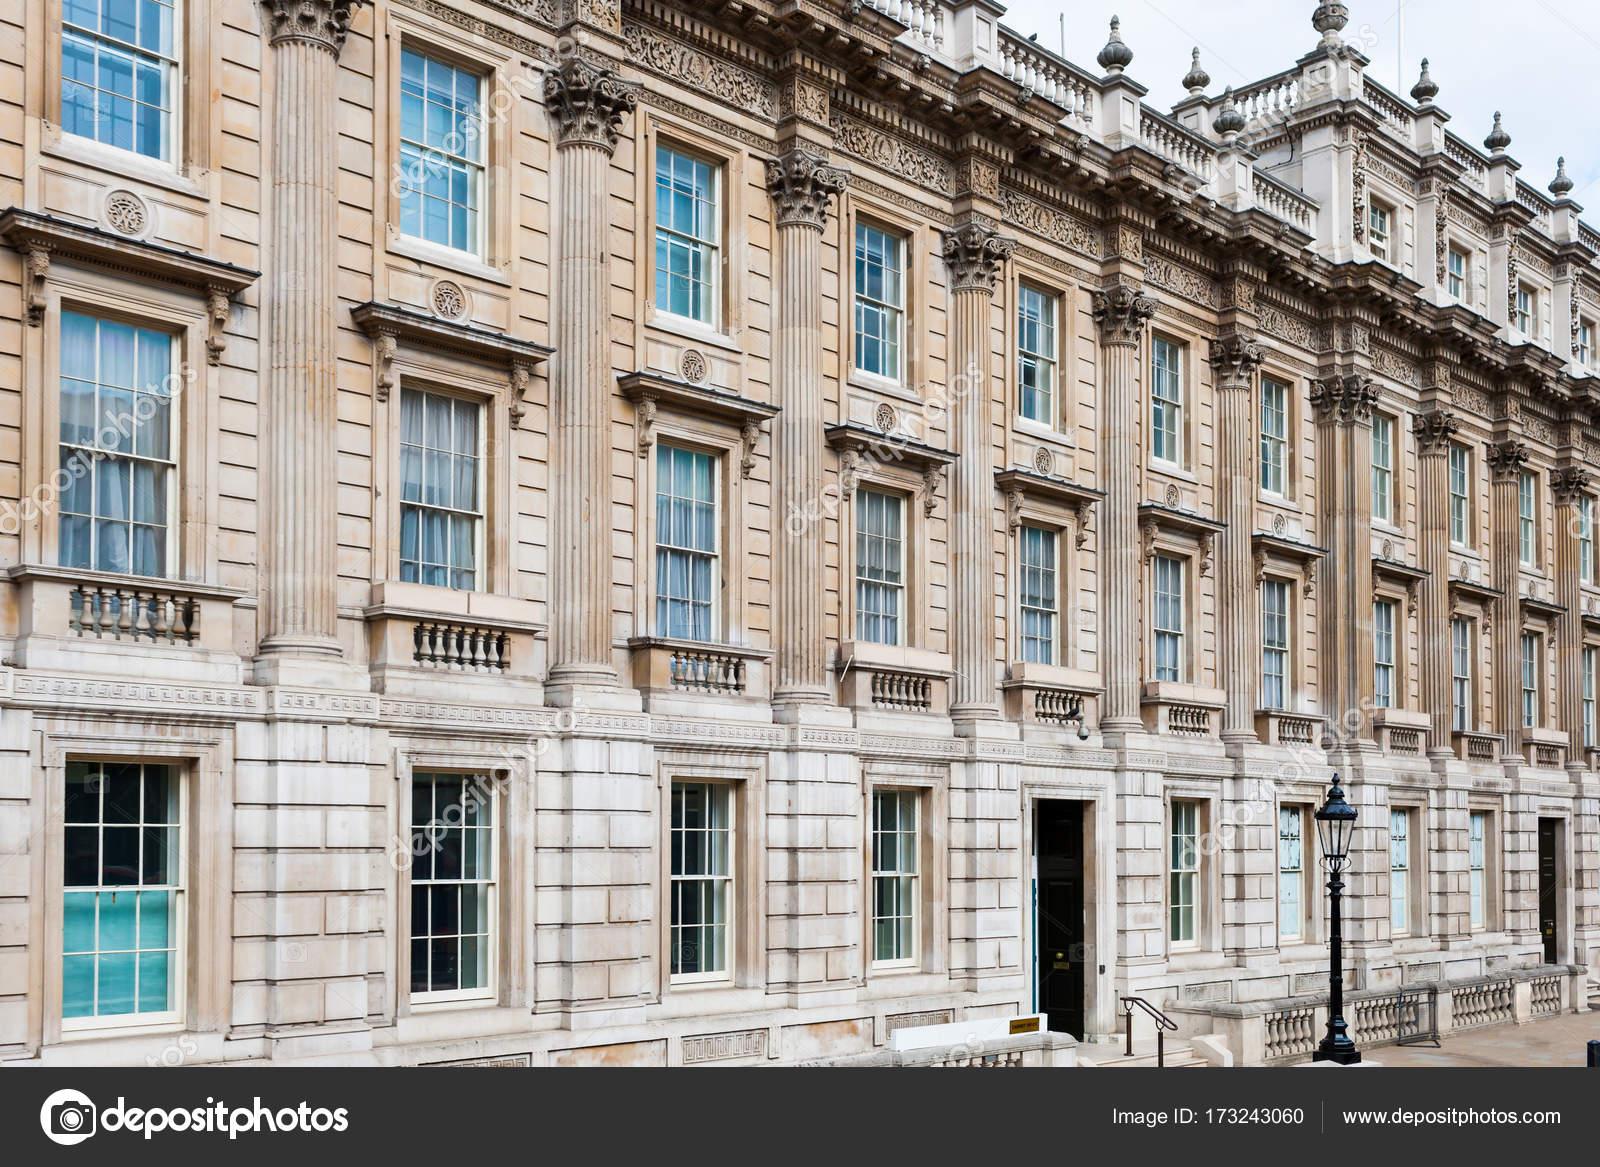 Ufficio Stile Inglese : Architettura della città di londra ufficio di gabinetto u foto